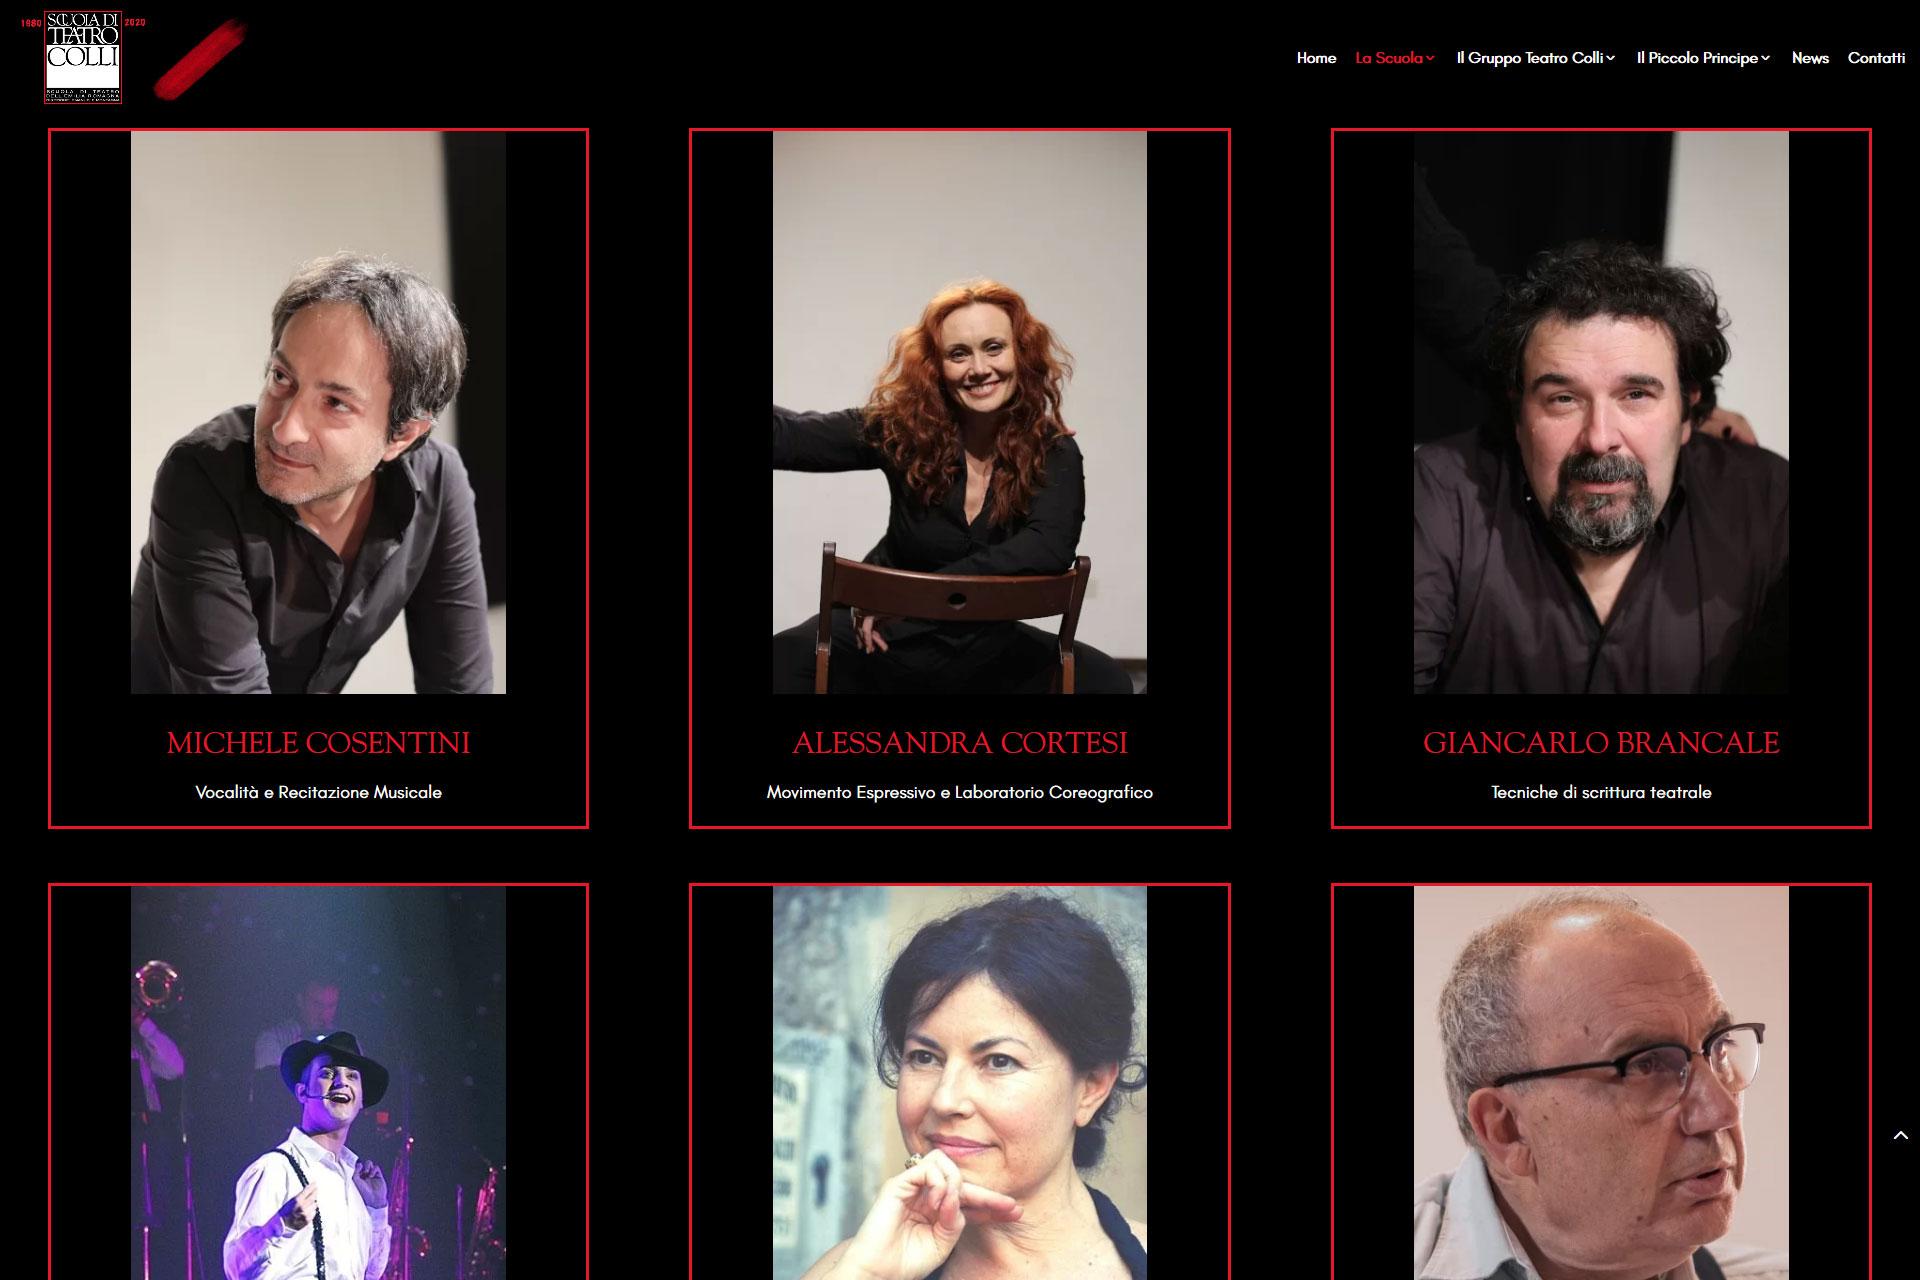 lv-design-realizzazione-siti-web-bologna-portfolio-scuola-di-teatro-colli-slide-2